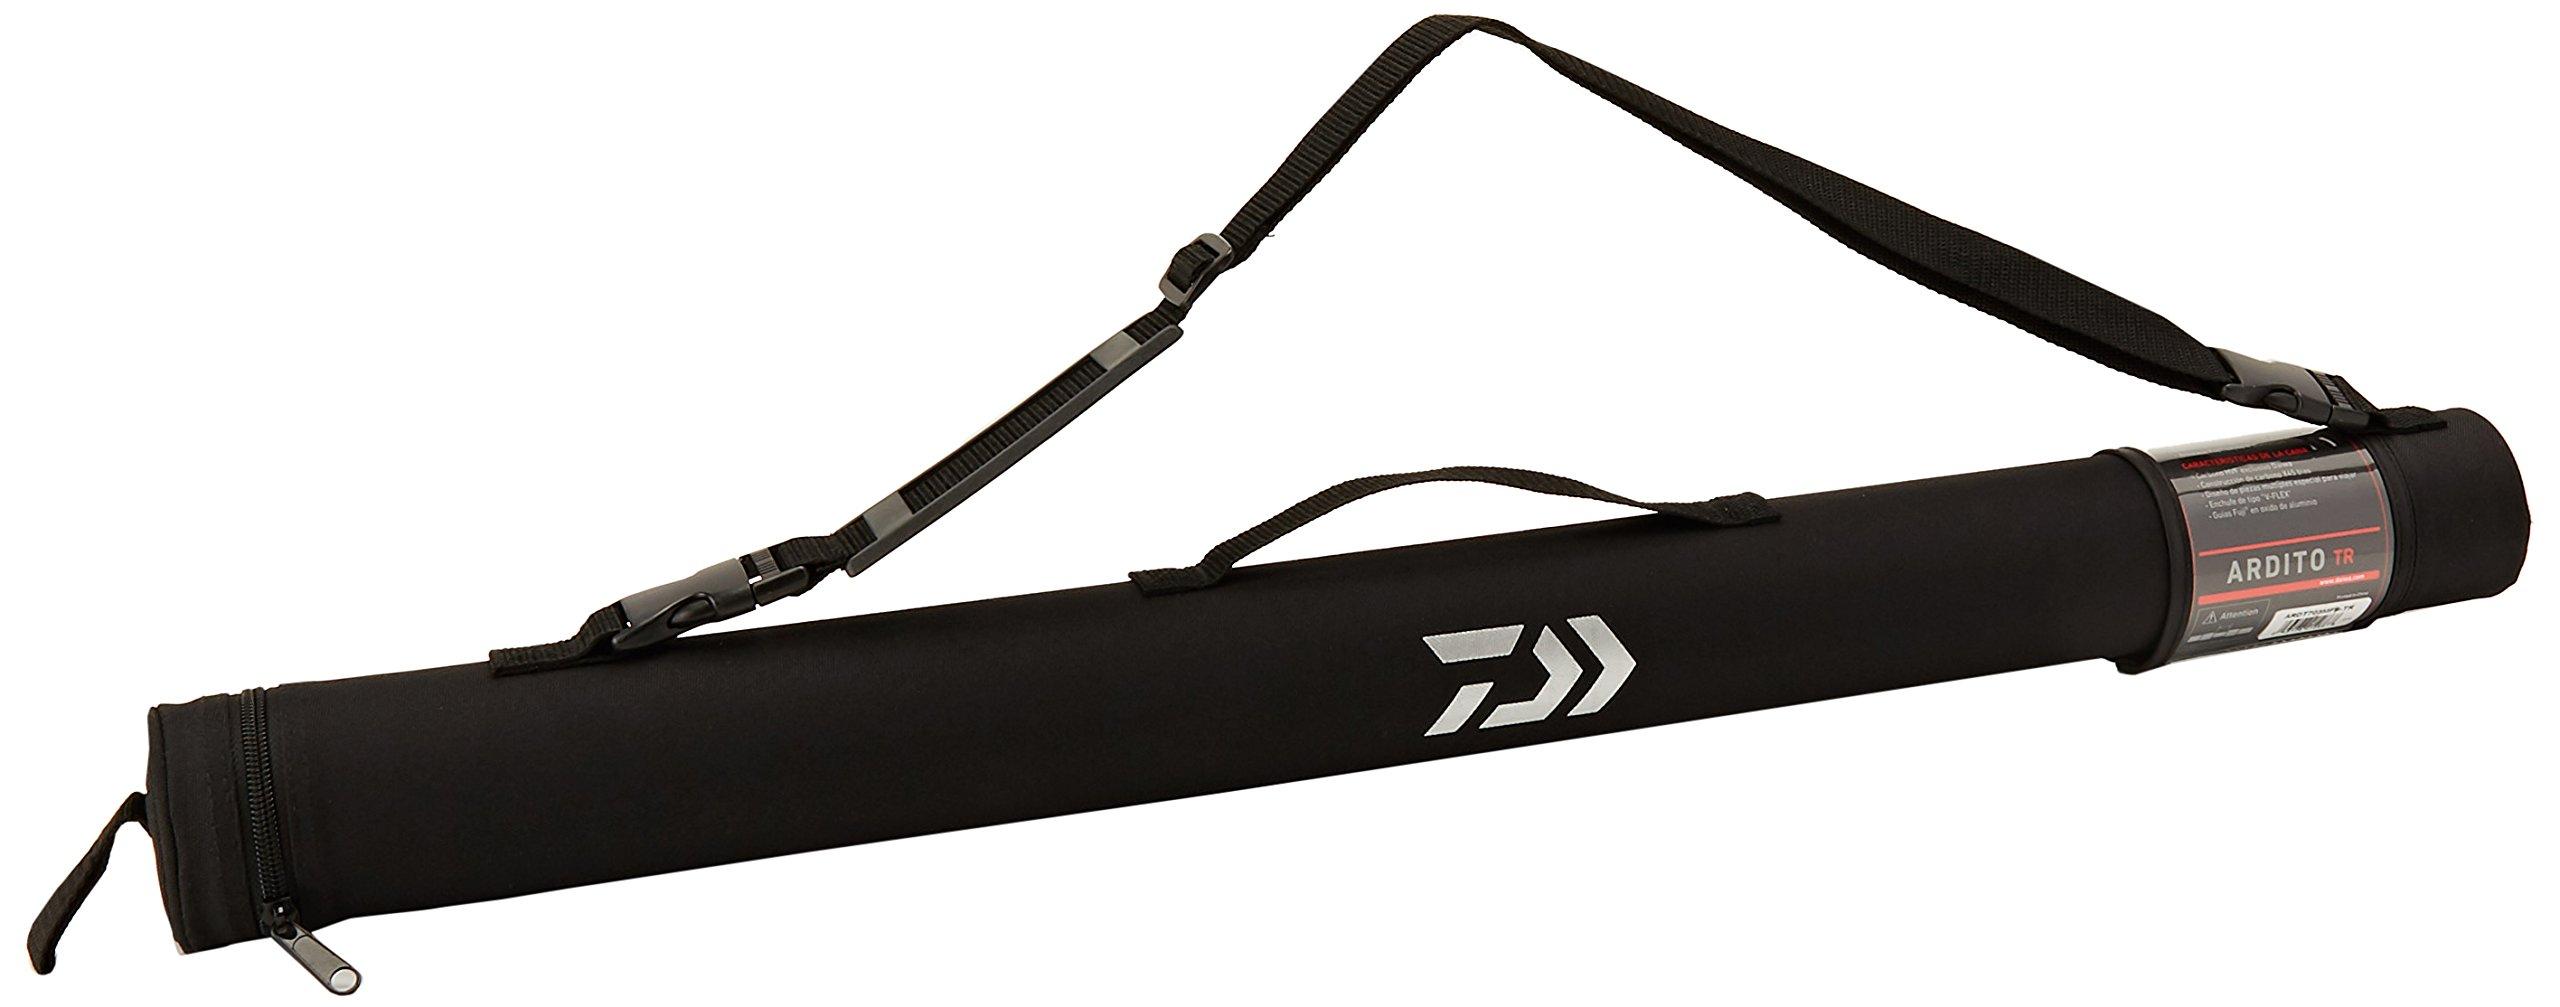 Daiwa ARDT703MFB-TR Ardito-TR Multipiece Travel Trigger Rod, 7' Length, 3Piece Rod, Medium Power, Fast Action by Daiwa